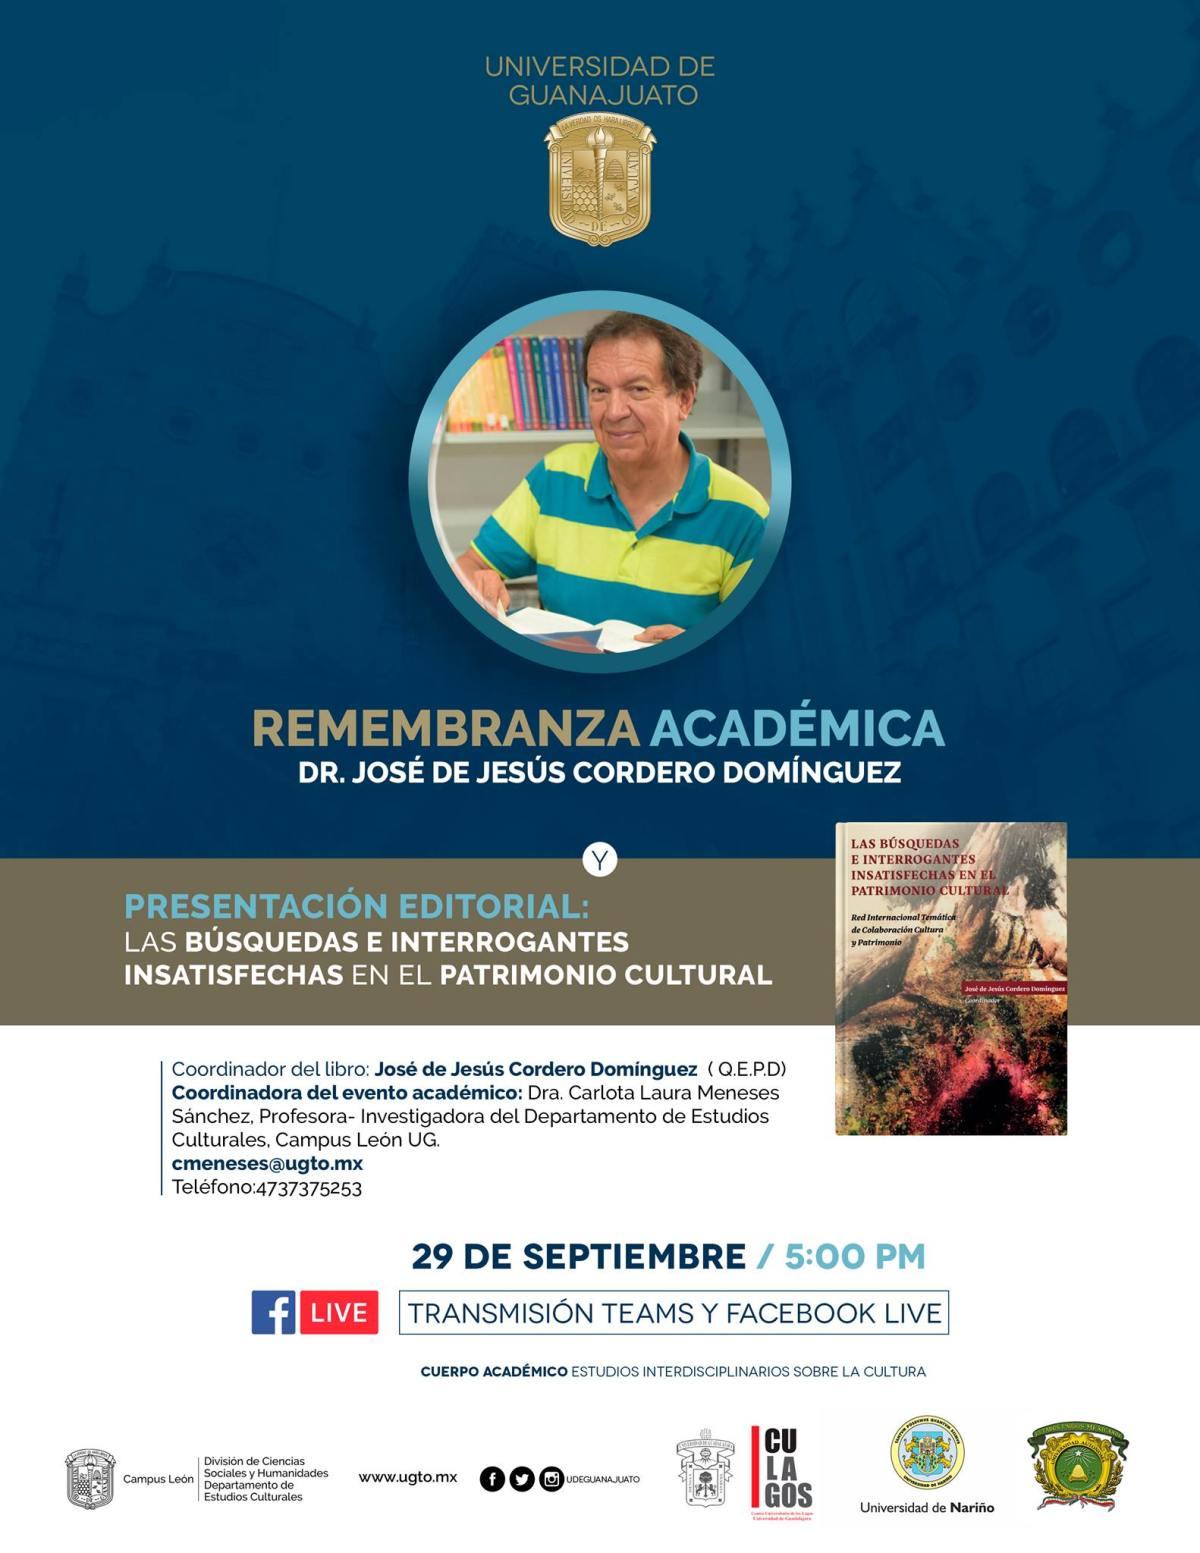 Dr. José de Jesús Cordero Domínguez, cúmulo de legado académico en la UG